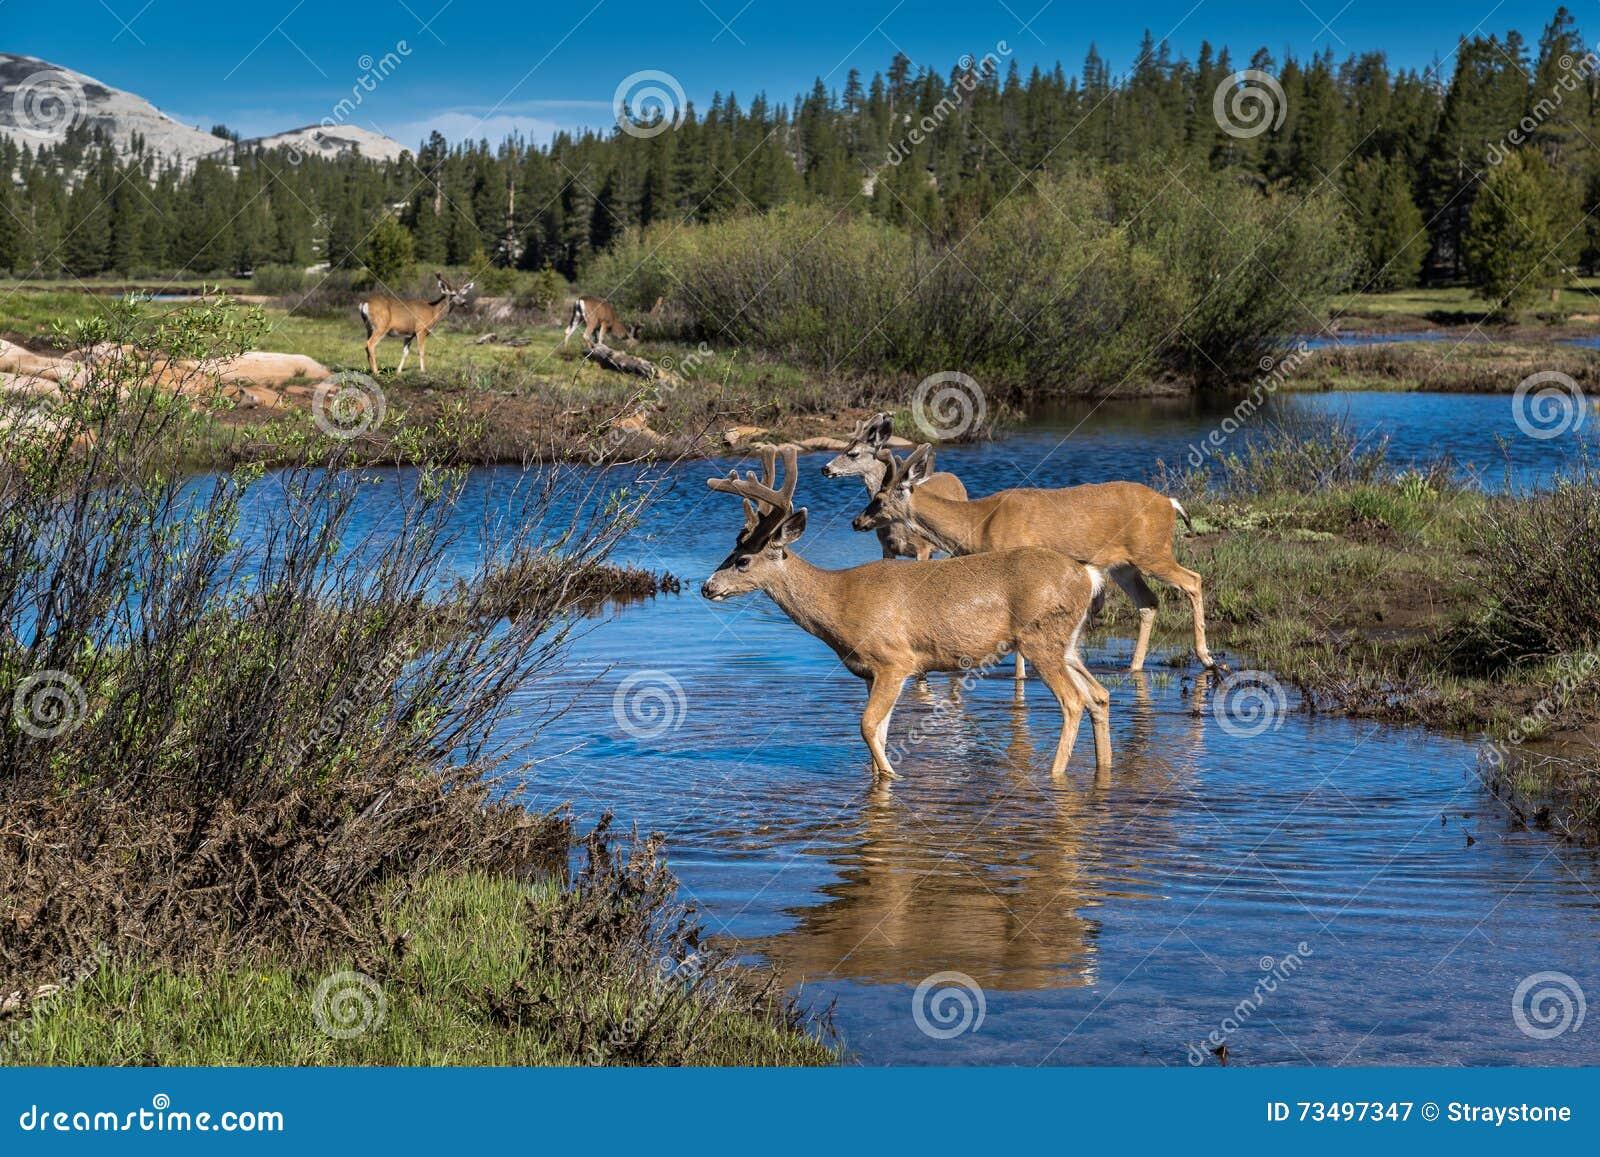 Mule deer herd at Tuolumne Meadows, Yosemite